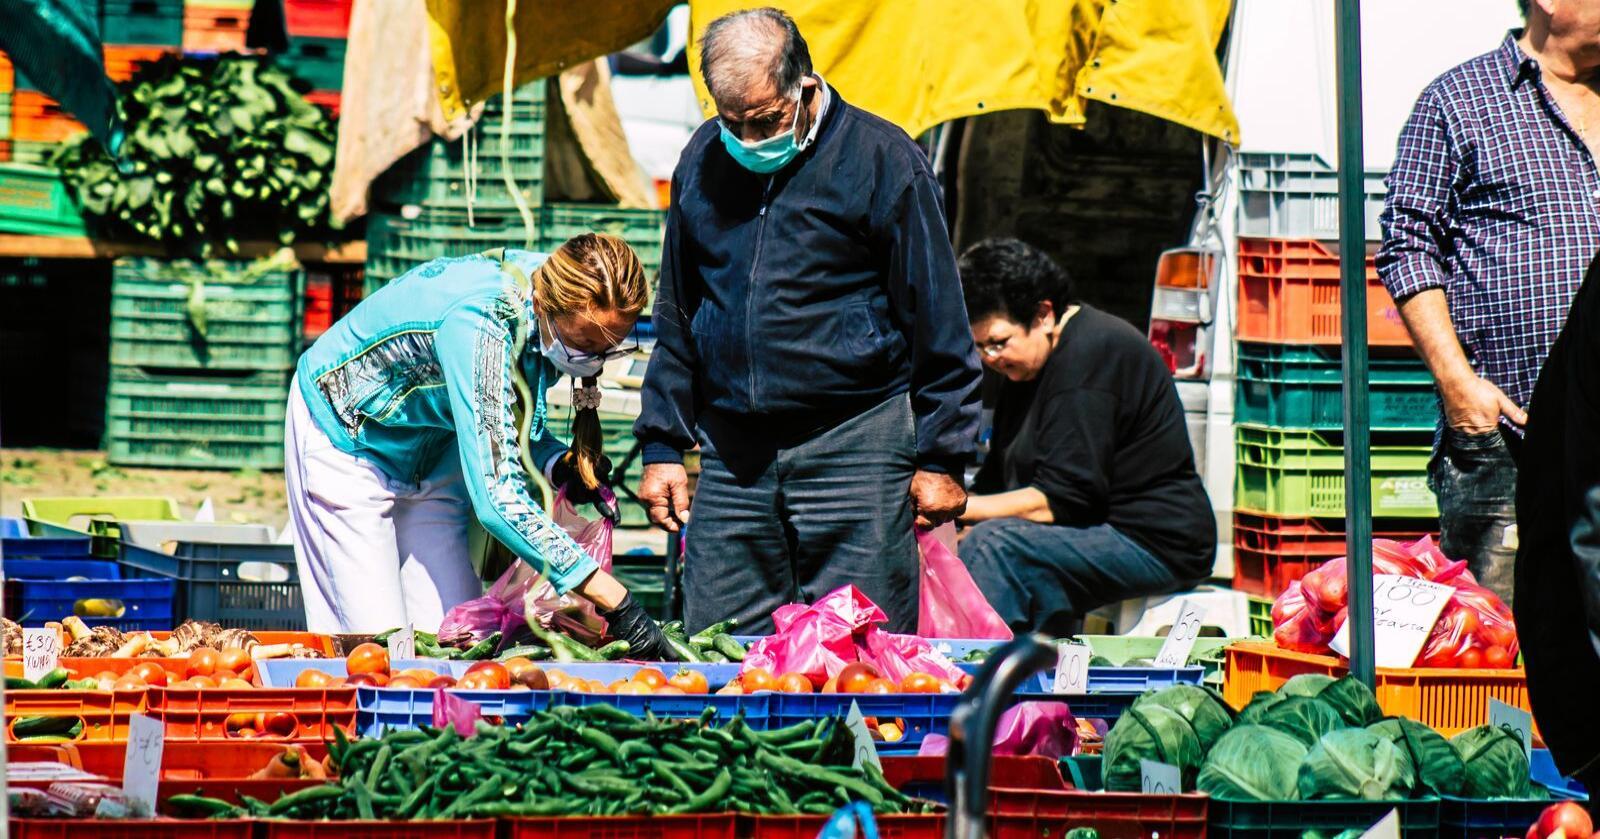 Sjølv om salet har gått opp i daglegvaresektoren, veg det ikkje opp for tapt sal til ofte høgare prisar på restaurantar. Her frå ein matmarknad på Kypros. Foto: Mostphotos